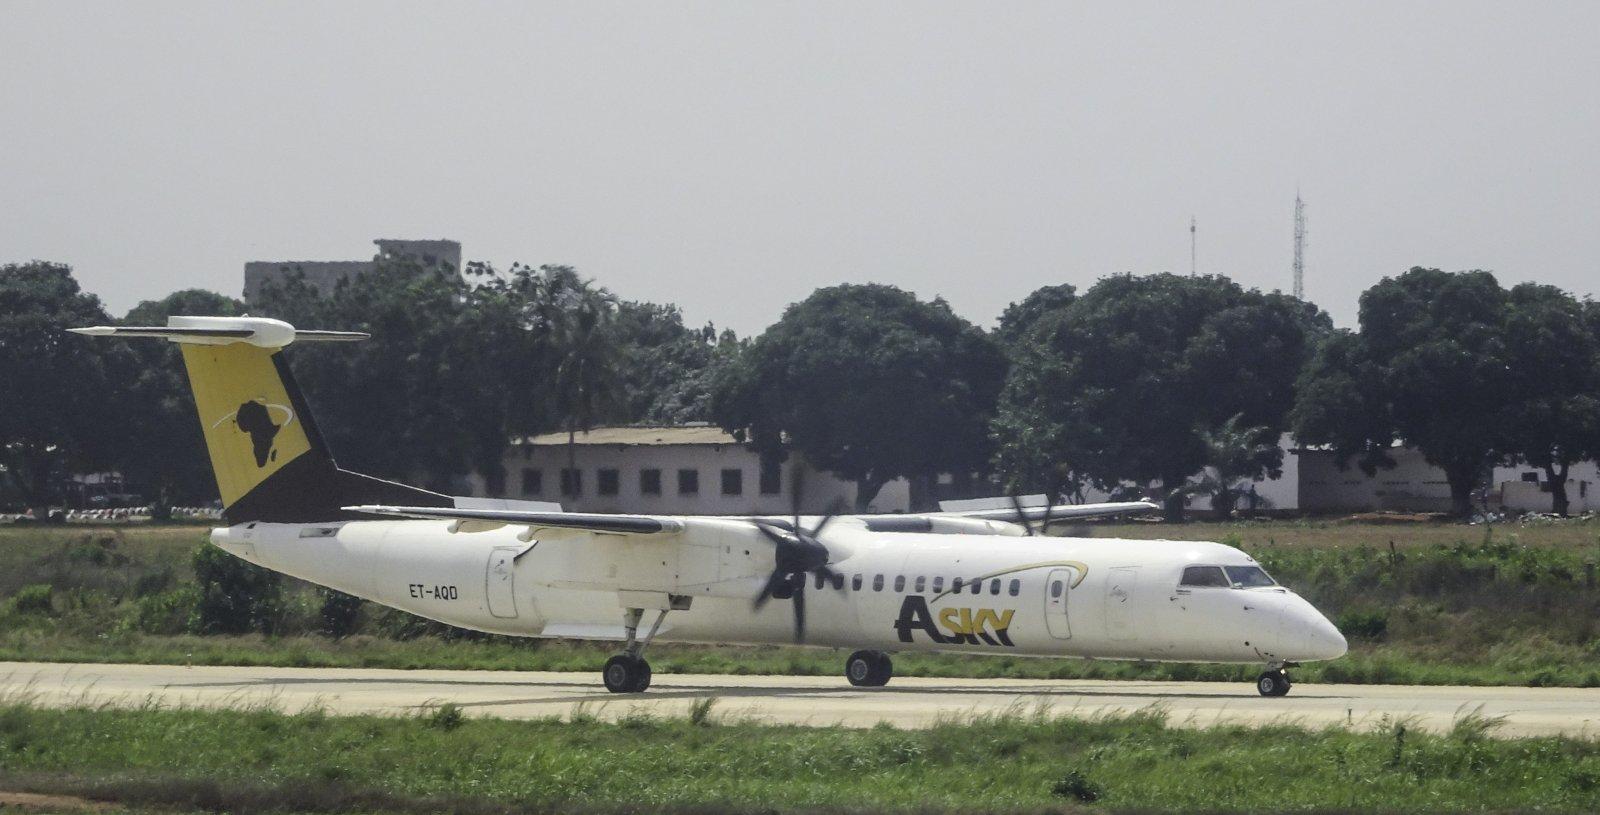 Asky Airlines Dash DHC-8 ET-AQD